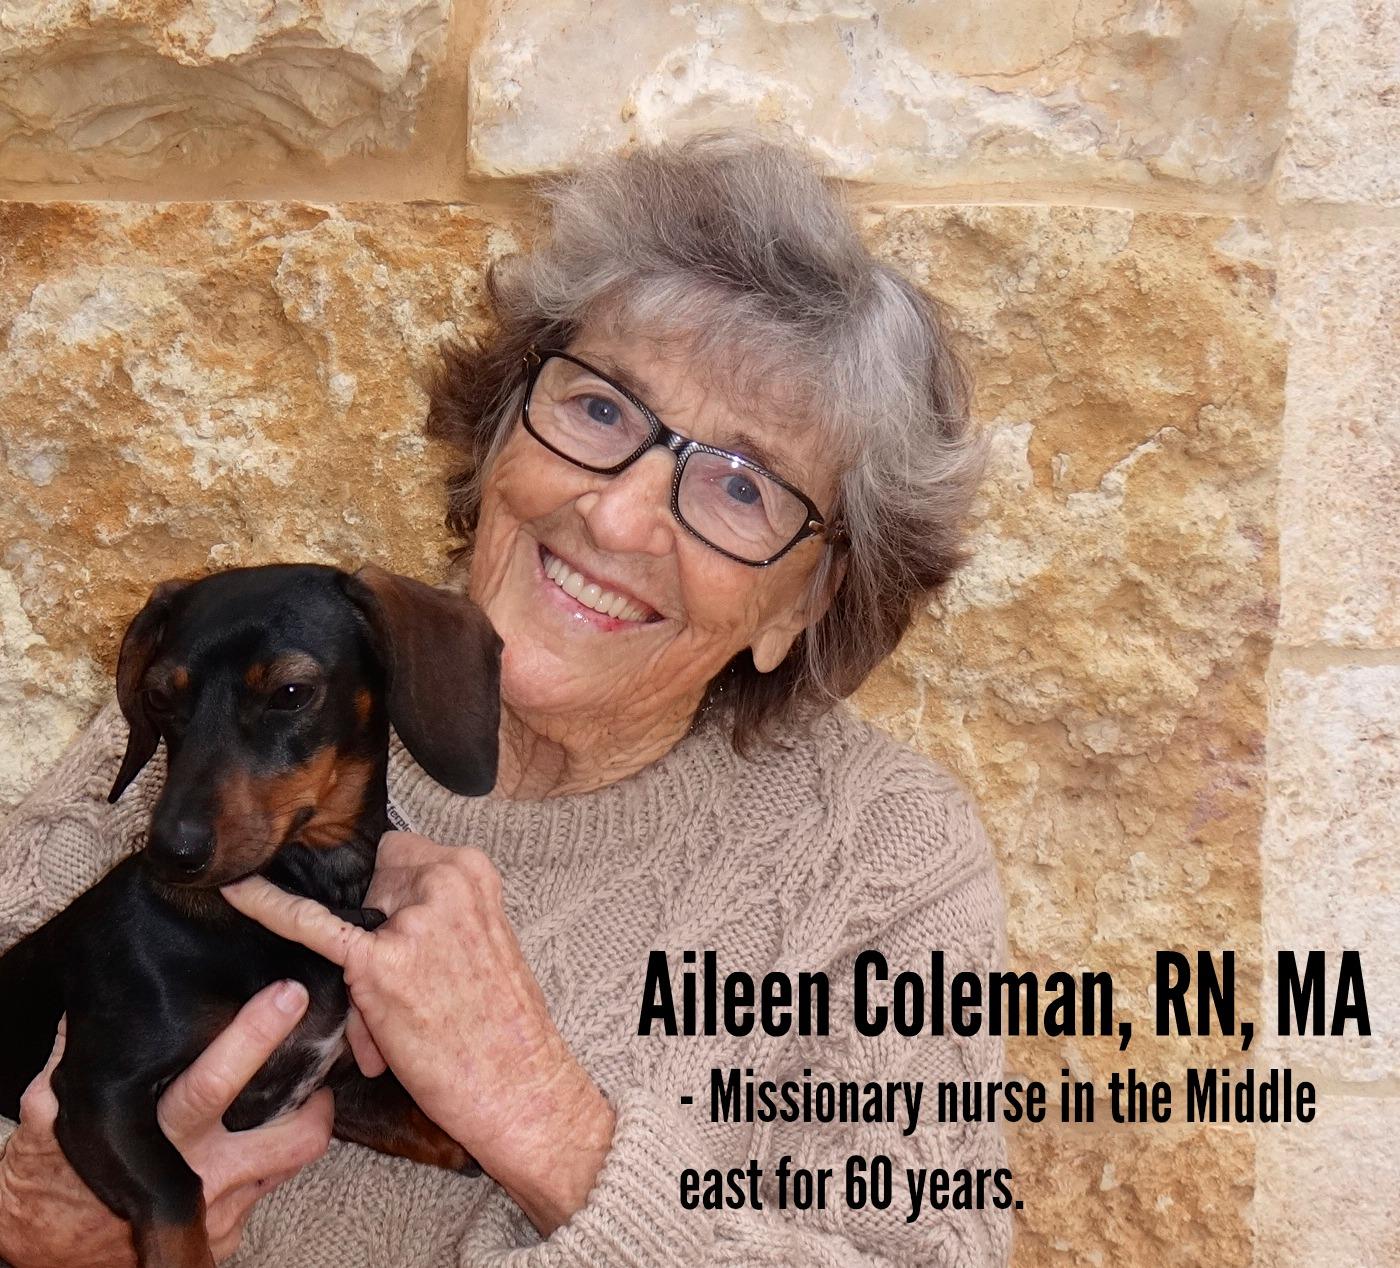 Aileen Coleman